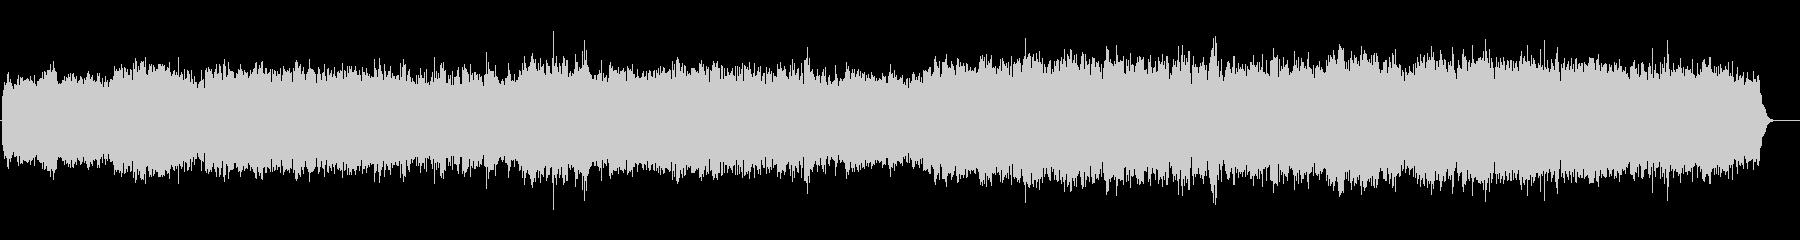 リラクセイション系 浮遊感サウンドの未再生の波形